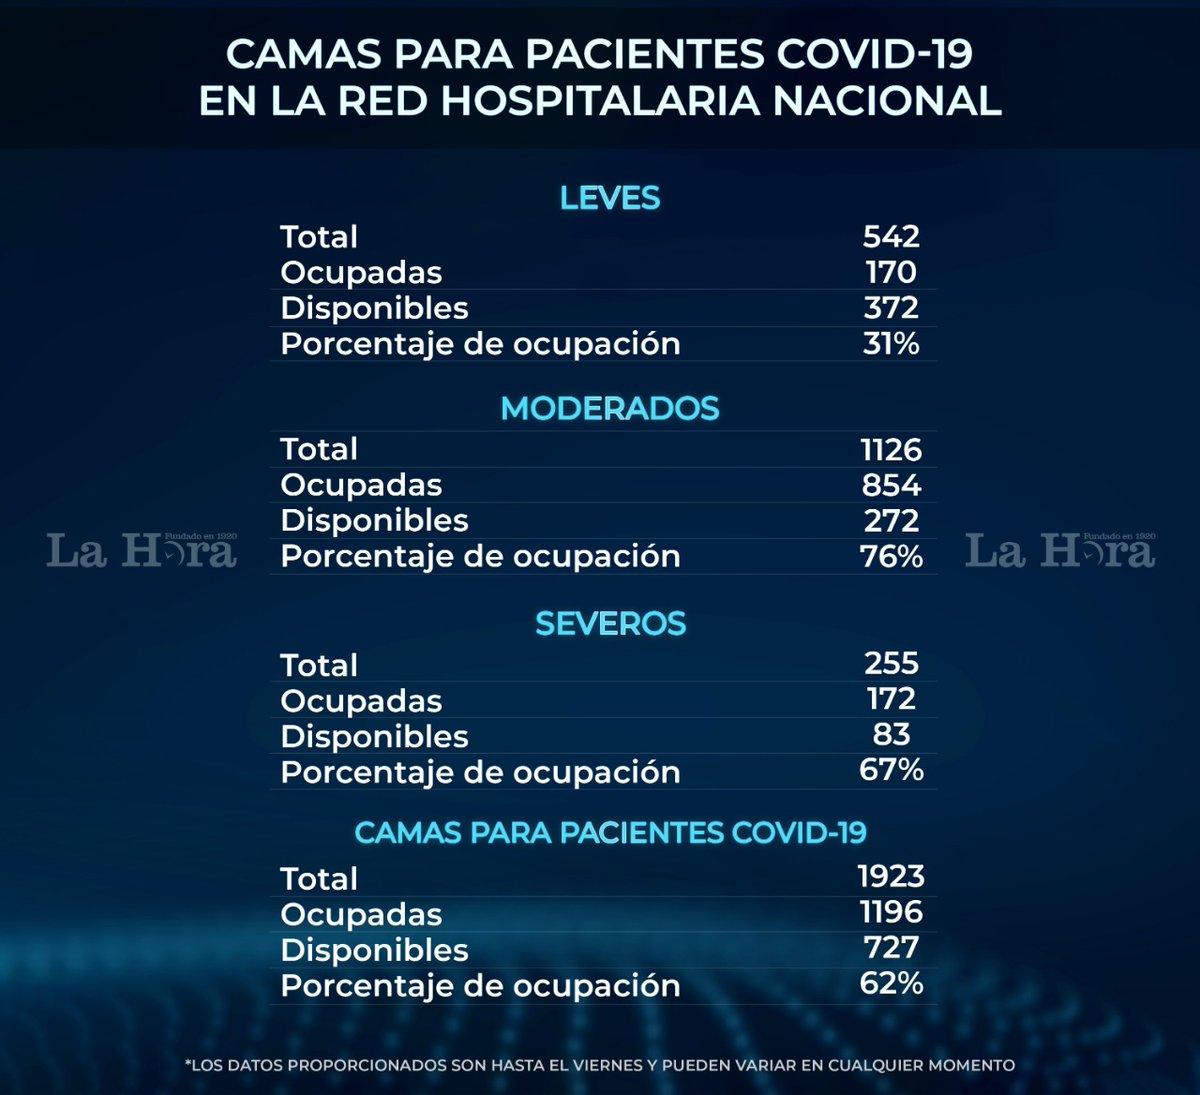 test Twitter Media - Hasta el viernes, la red hospitalaria nacional estaba en una ocupación del 62 por ciento de su capacidad para atender a pacientes COVID-19. https://t.co/1iD2JjKpXn https://t.co/61MRYe4JR1